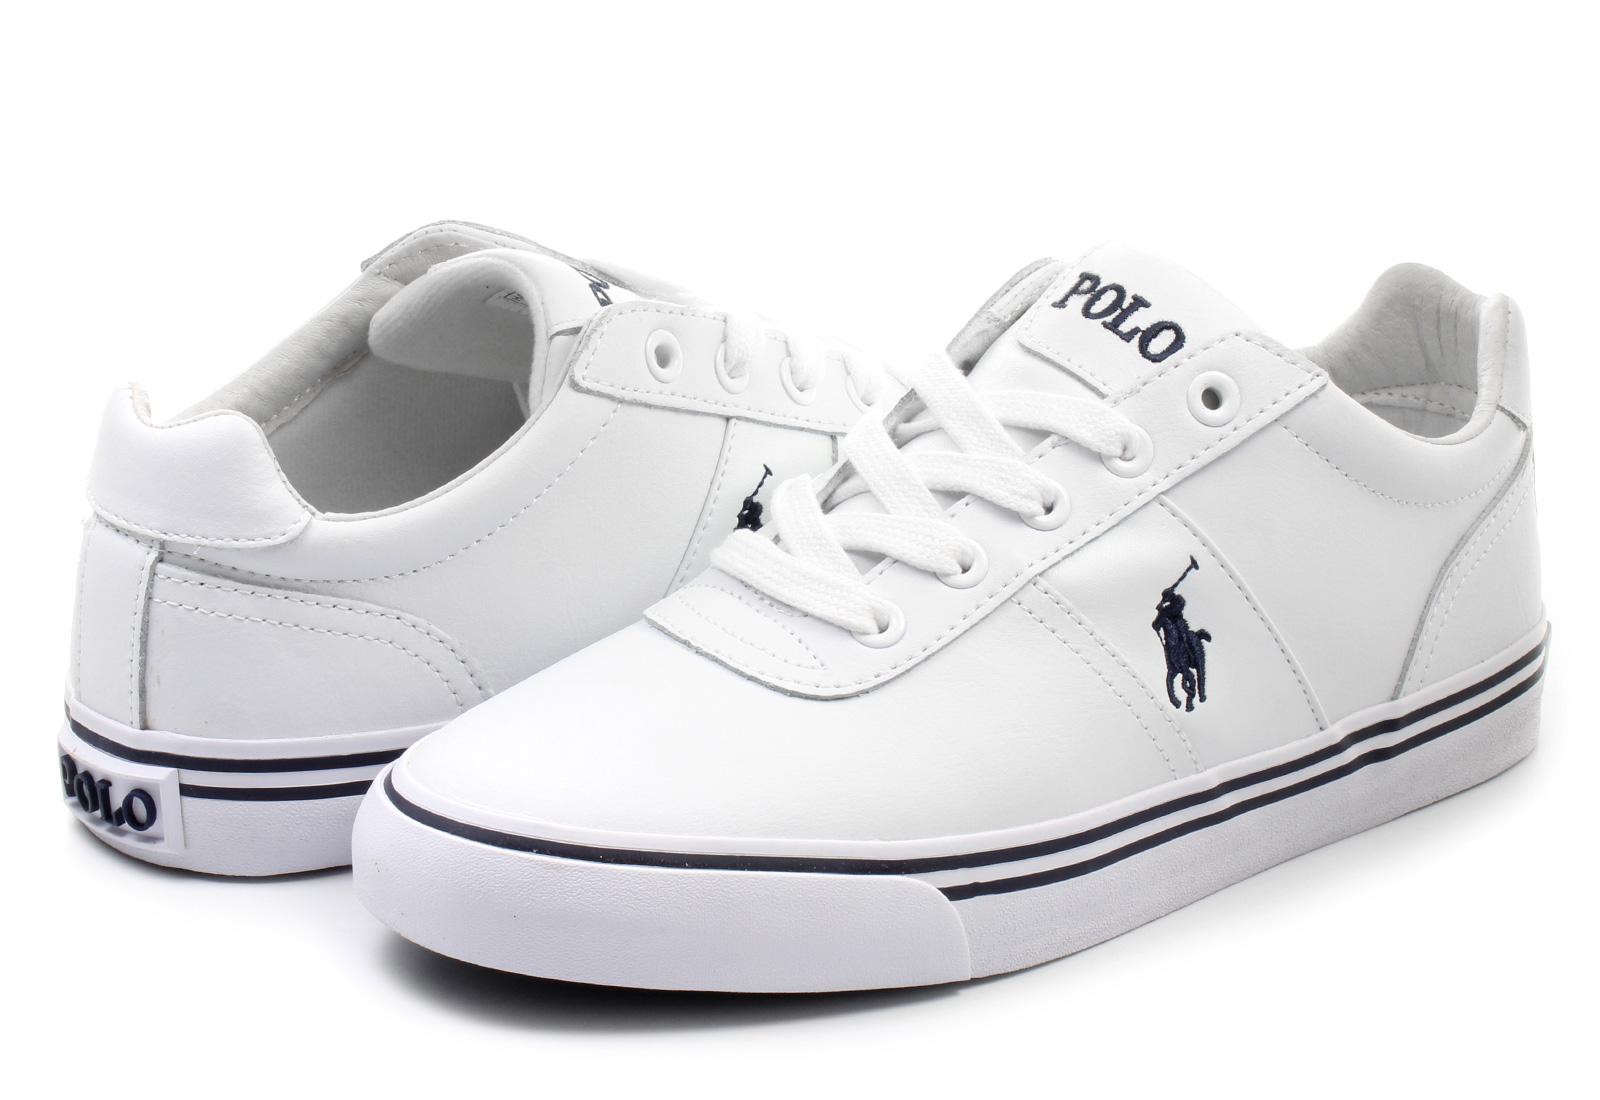 Polo Ralph Lauren Cipő - Hanford - 2140-R-A1000 - Office Shoes ... 11705ab7f5